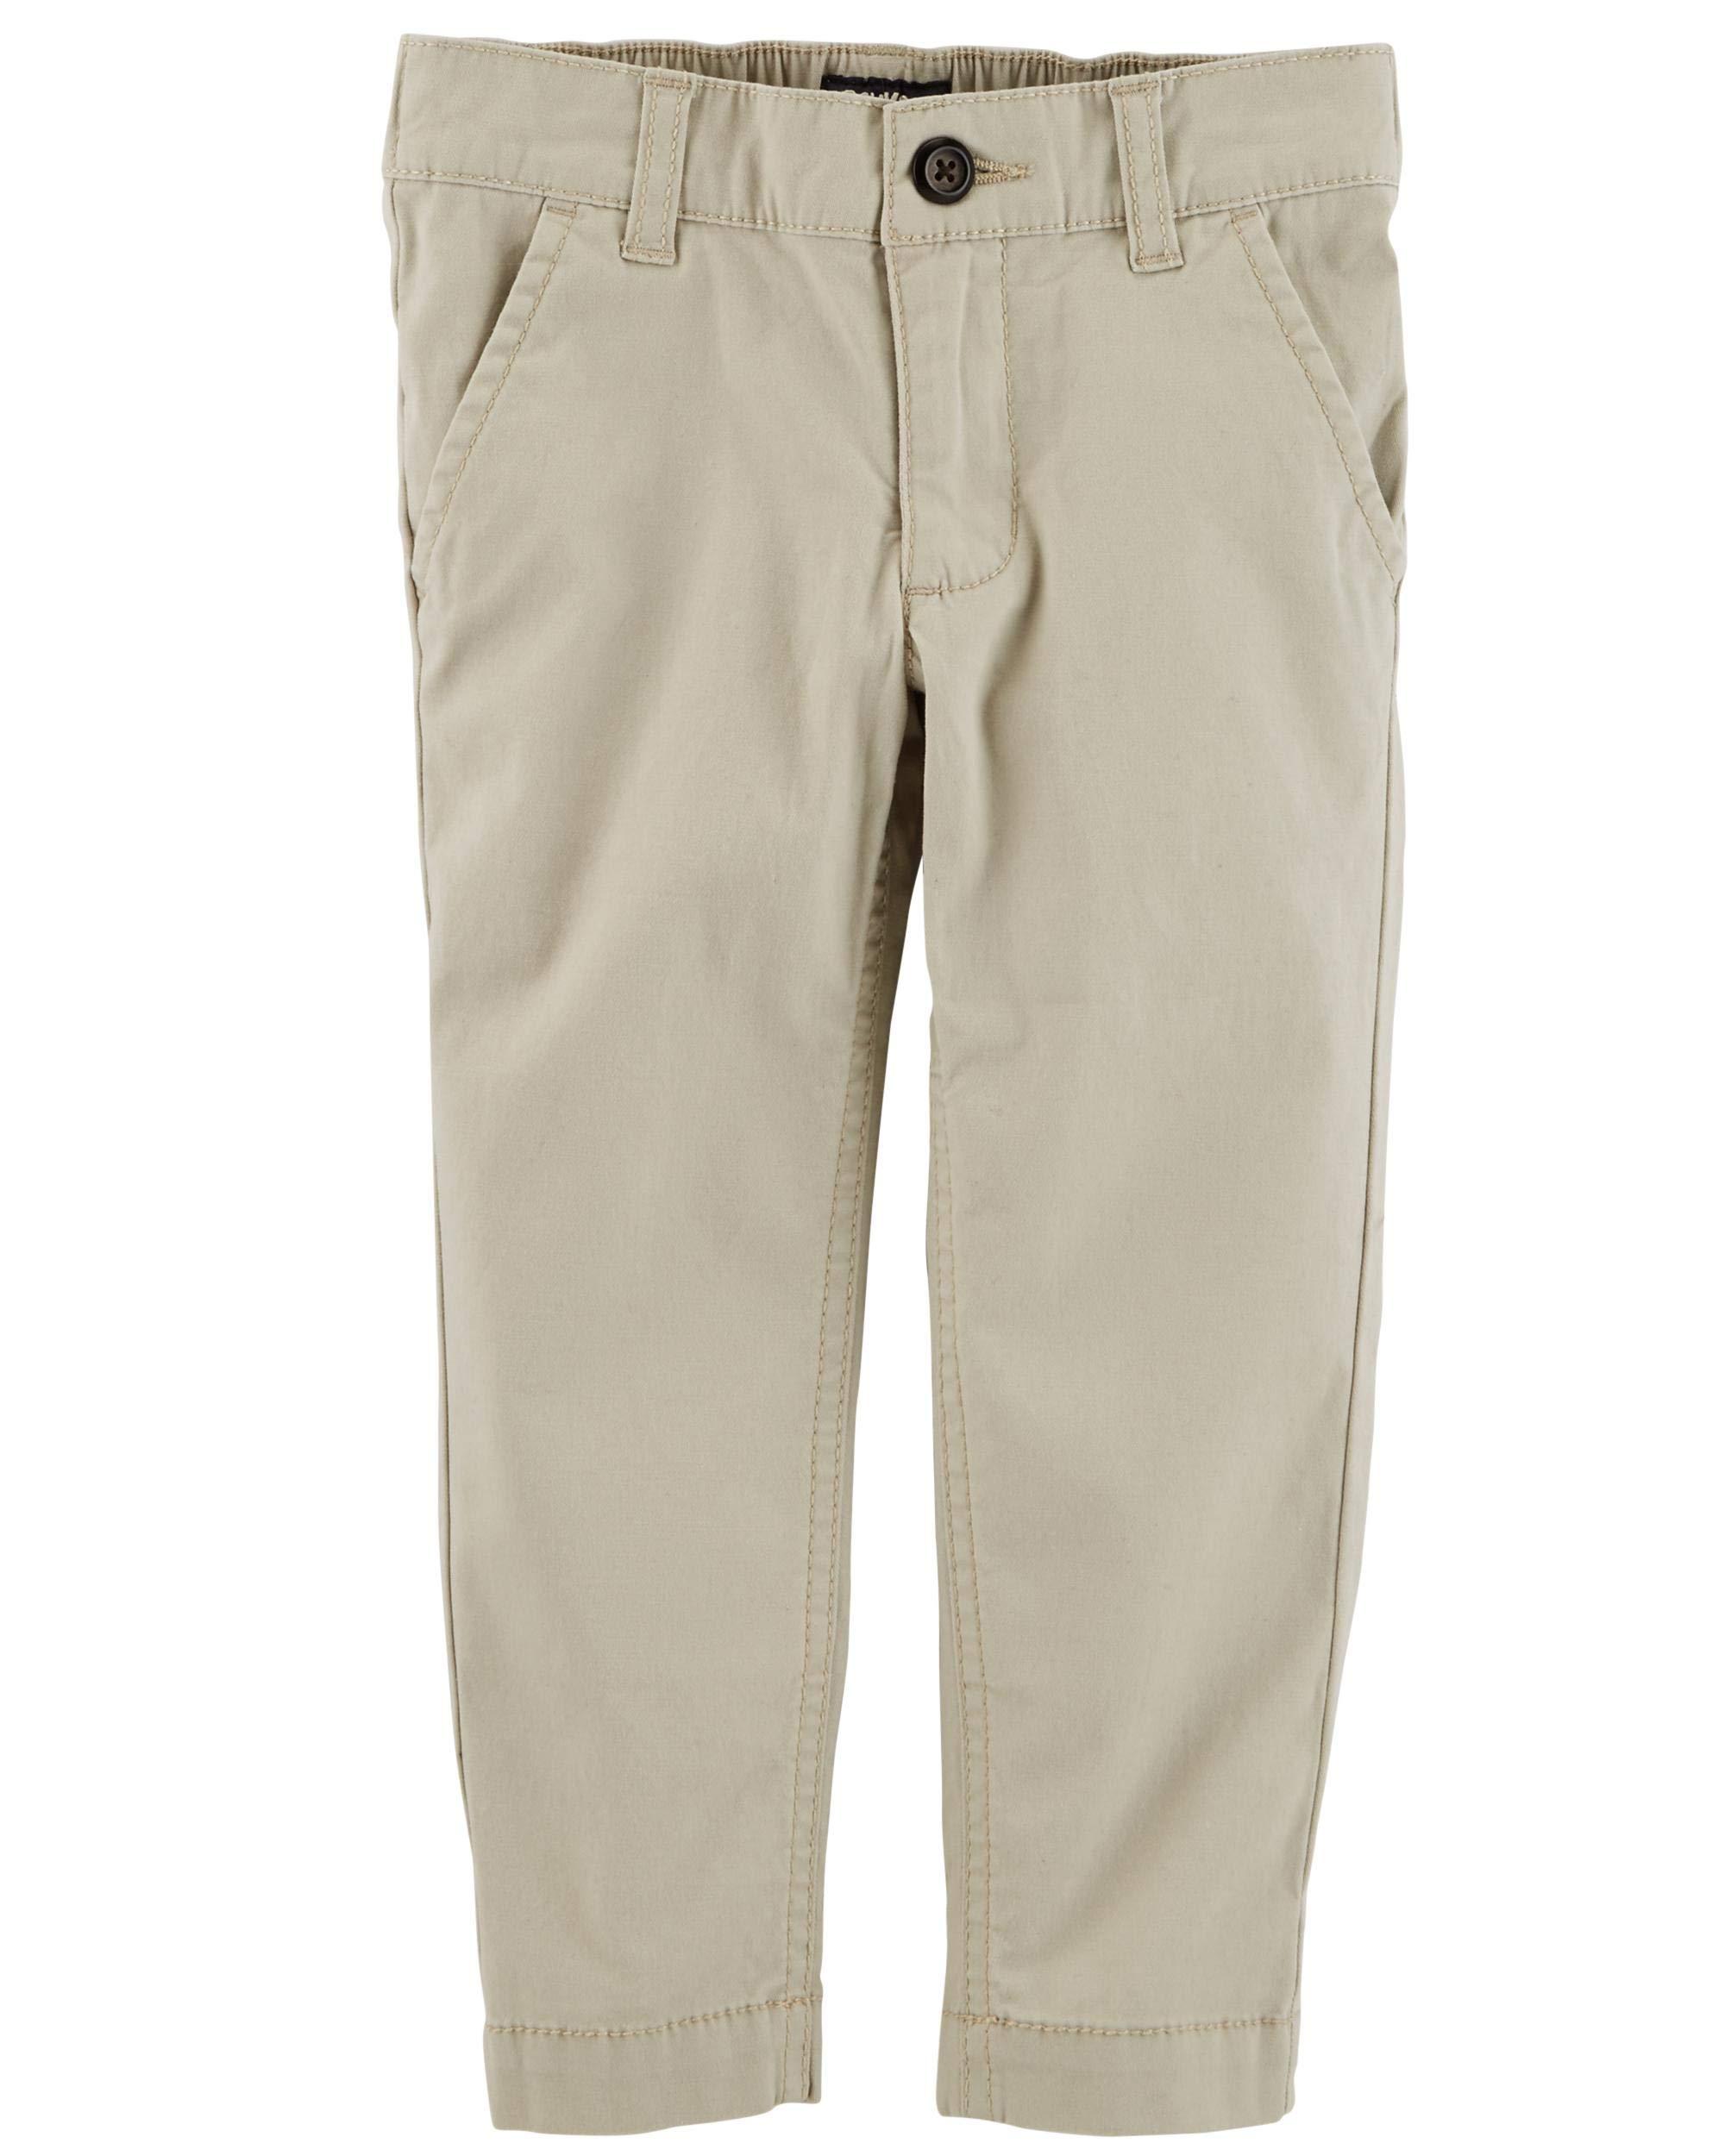 Osh Kosh Boys' Toddler Slim Stretch Twill Pant, Khaki, 4T